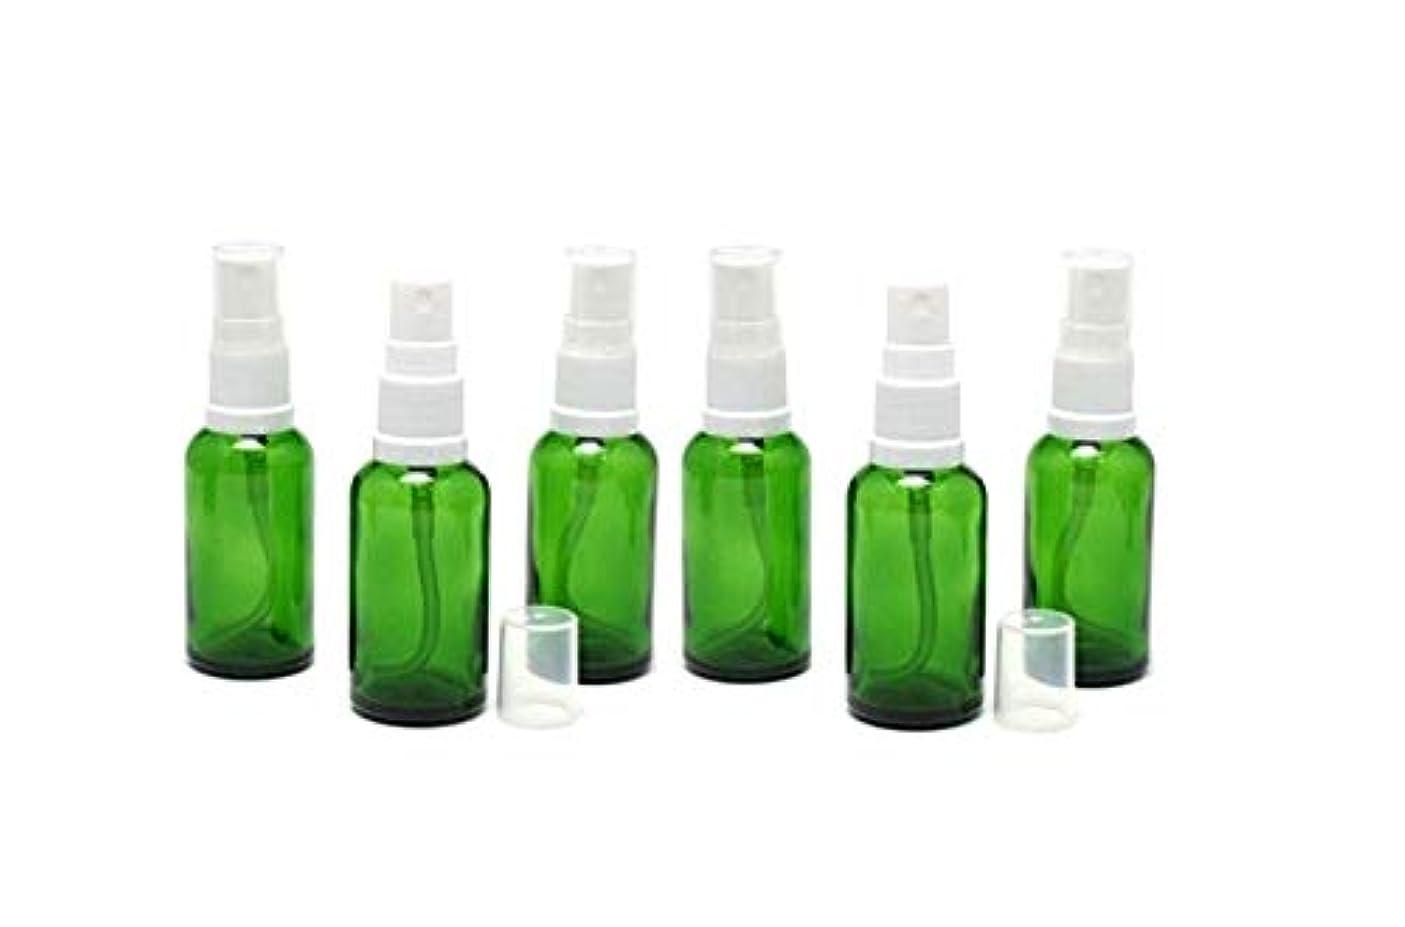 巨大なエスカレート致死遮光瓶 スプレーボトル (グラス/アトマイザー) 30ml グリーン/ホワイトヘッド 6本セット 【 新品アウトレットセール 】